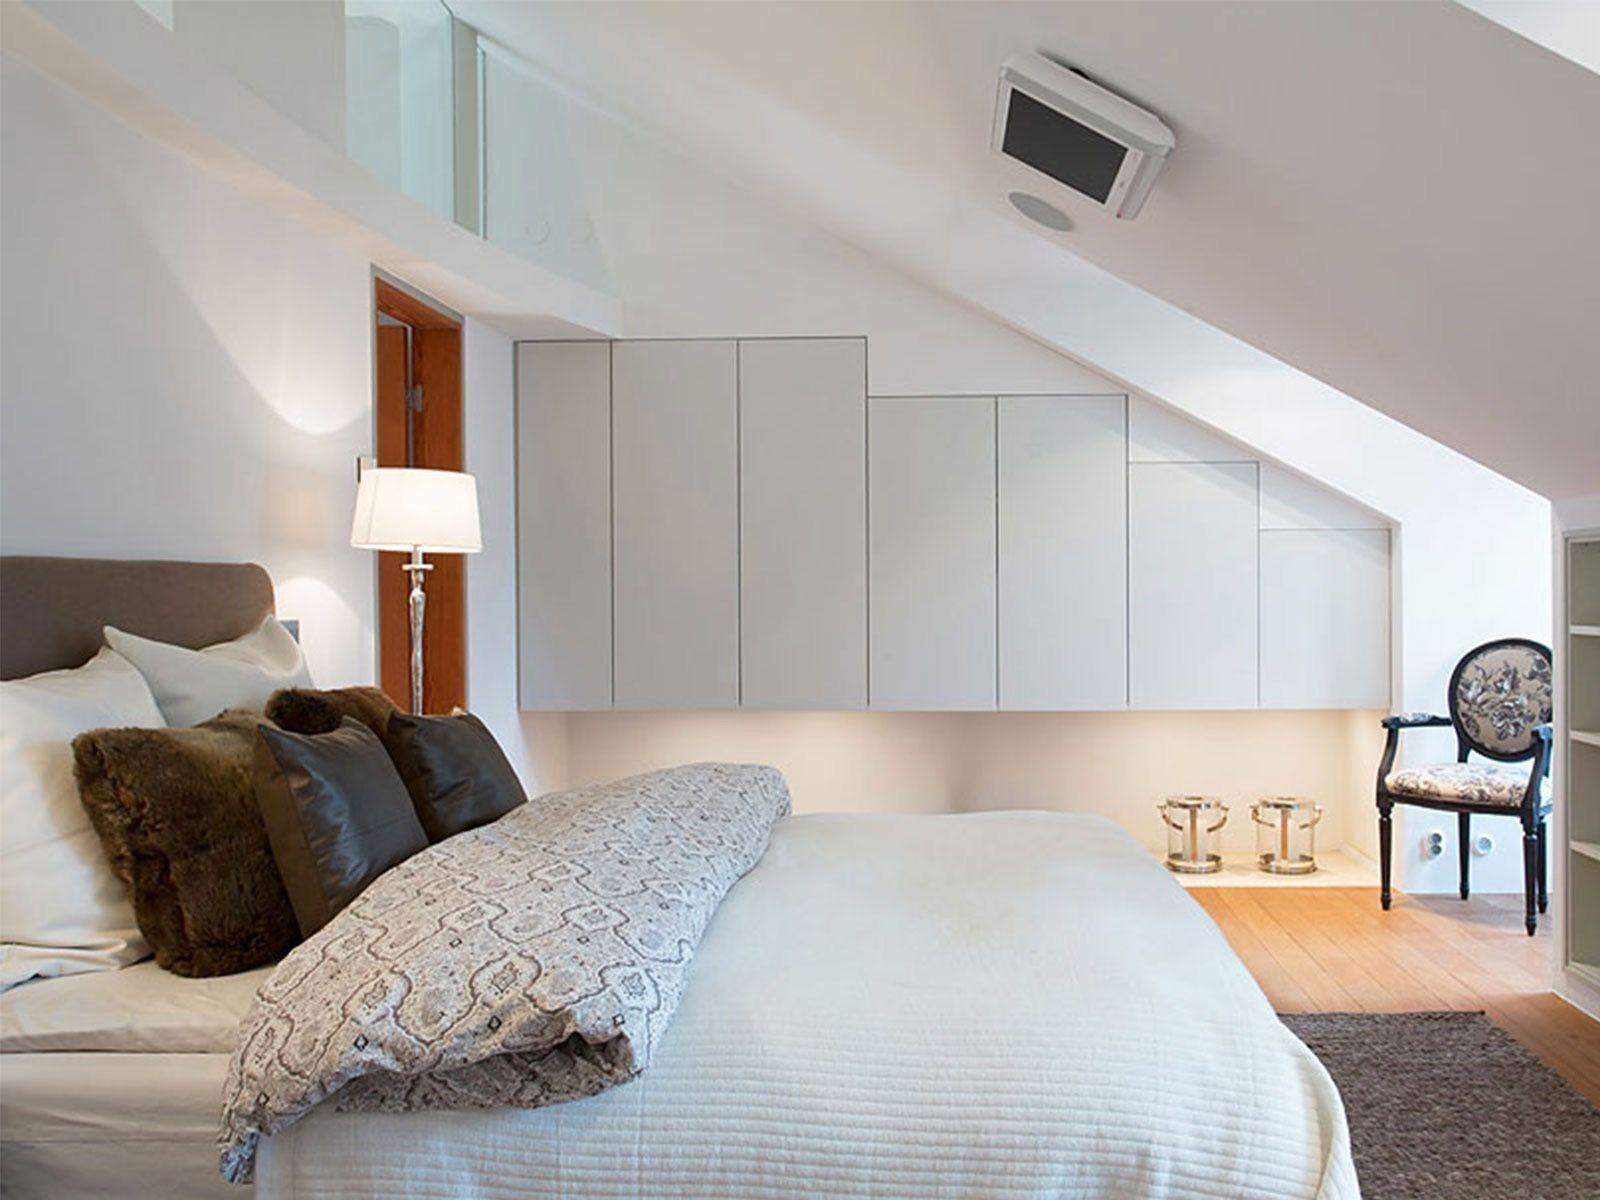 Schlafzimmer Ideen Dachschräge - #dachschrage #ideen #Schlafzimmer